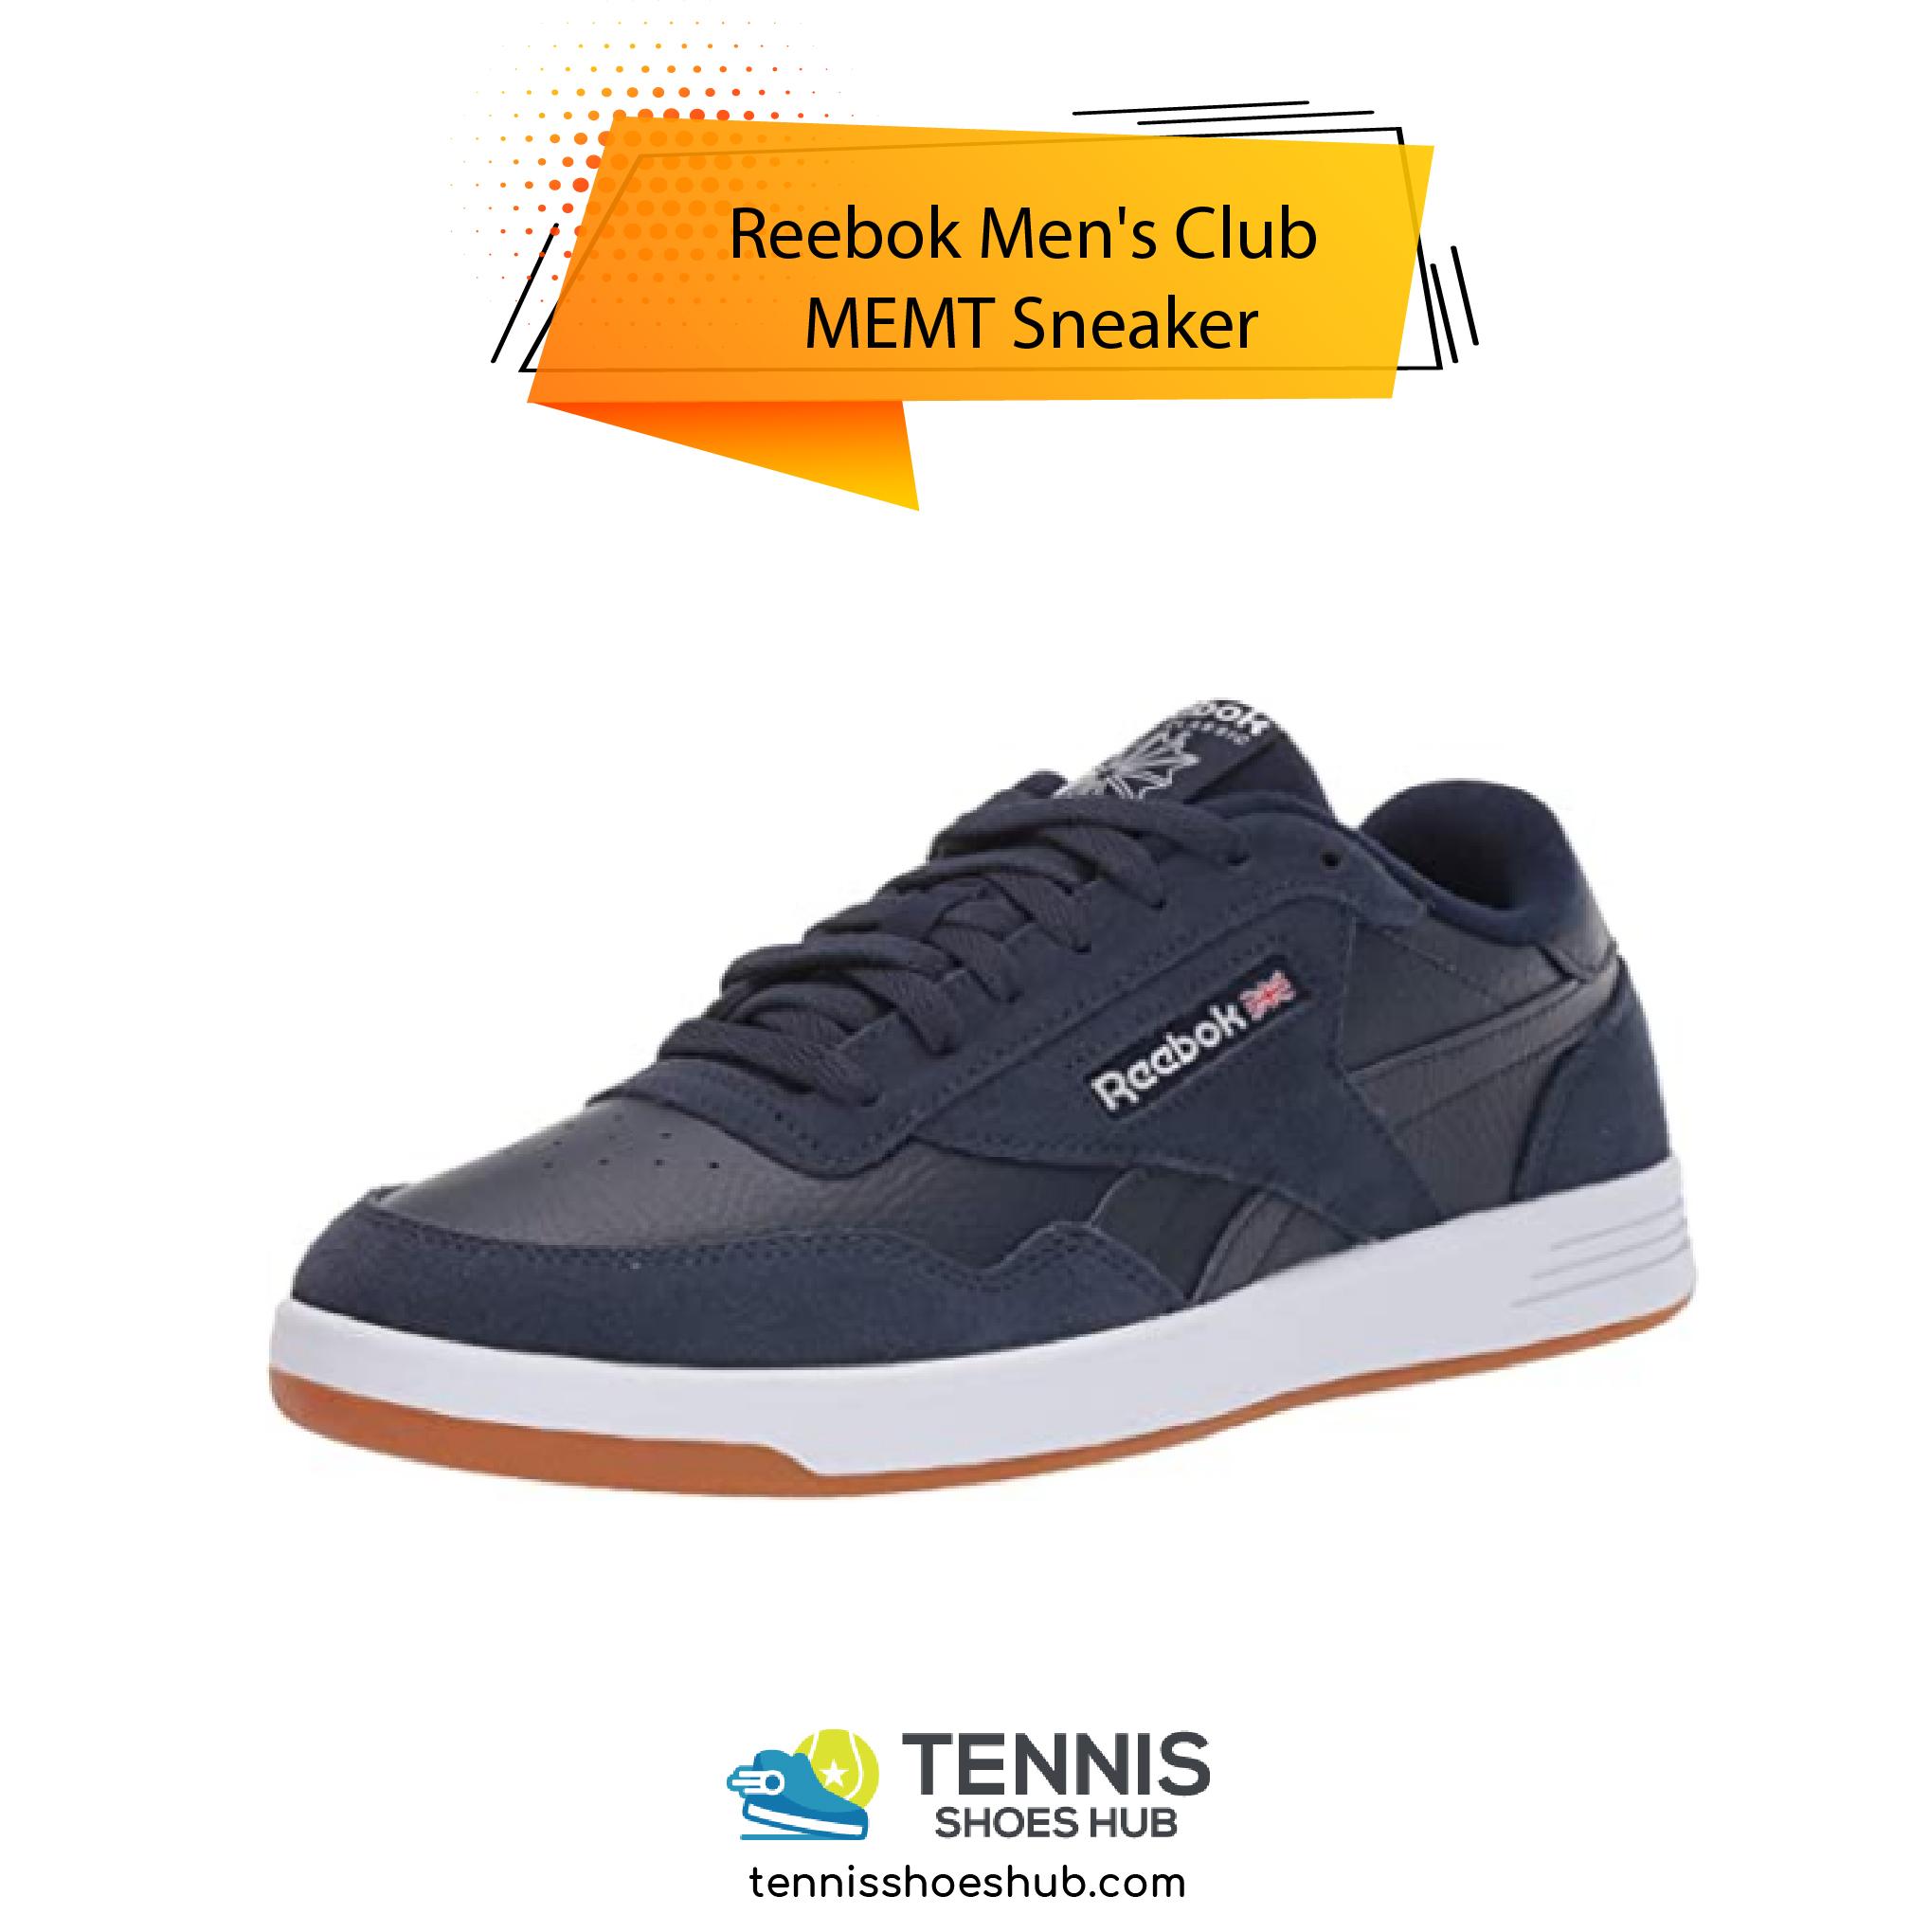 Reebok Mens Club MEMT Sneaker 01